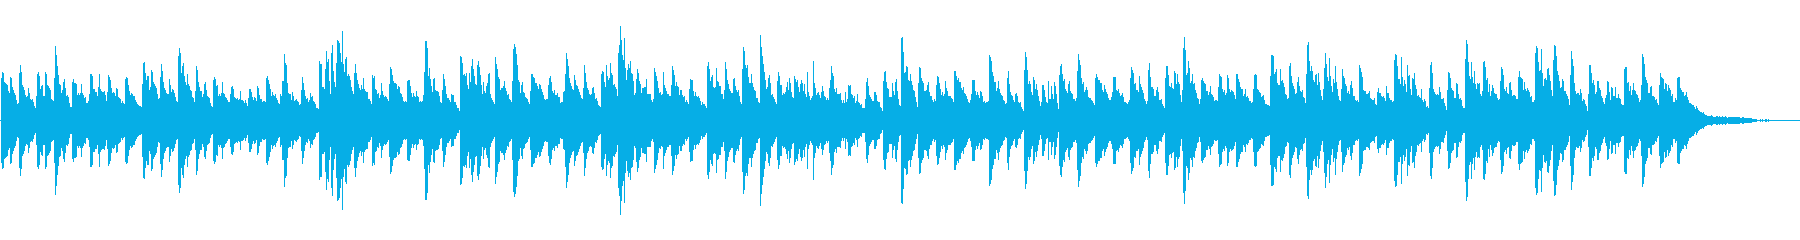 とても優しく癒されるピアノ曲の再生済みの波形